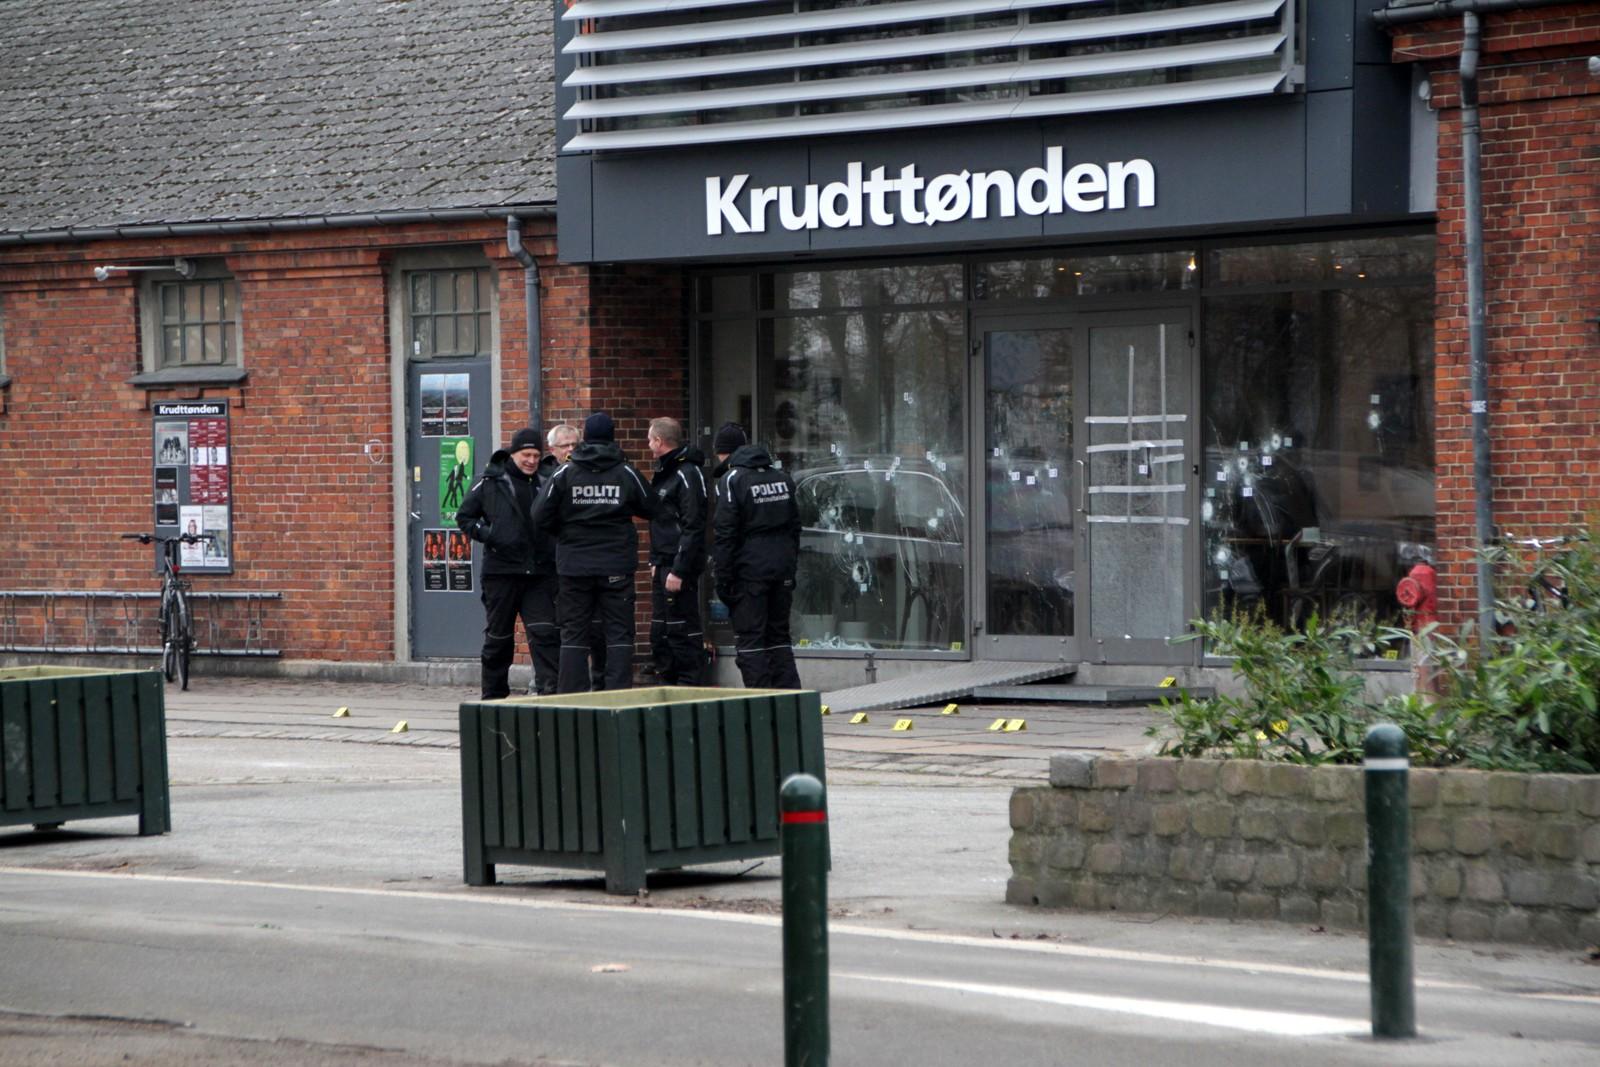 Politiet gjør undersøkelser ved Krudttønden søndag ettermiddag. De har lagt ned gule markører på bakken hvor det ble funnet kuler etter attentatet.